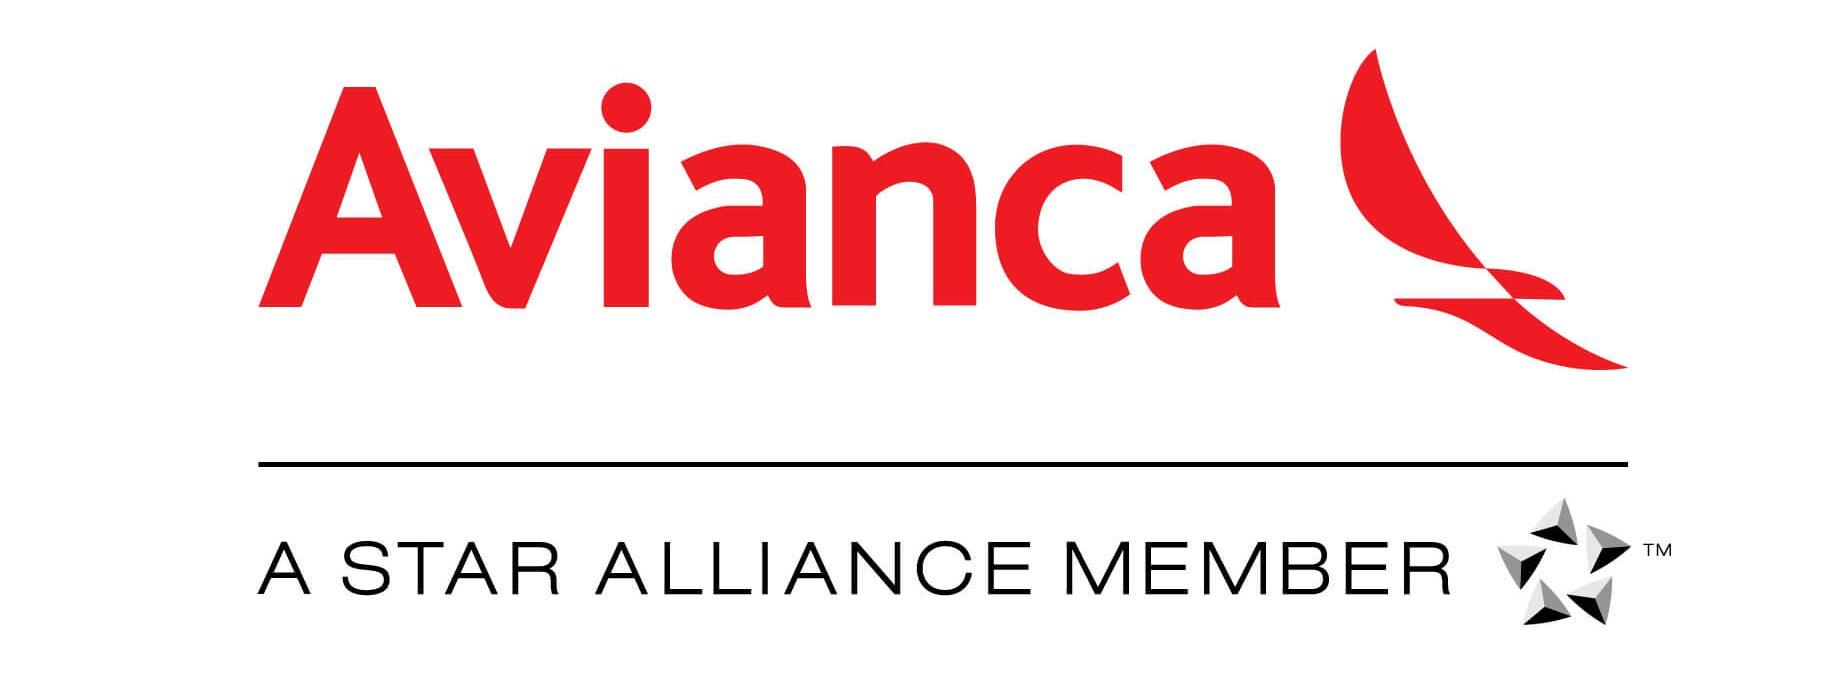 avianca-nuevo-logo-colombia-xtrategik-blog-e1559356300447.jpg